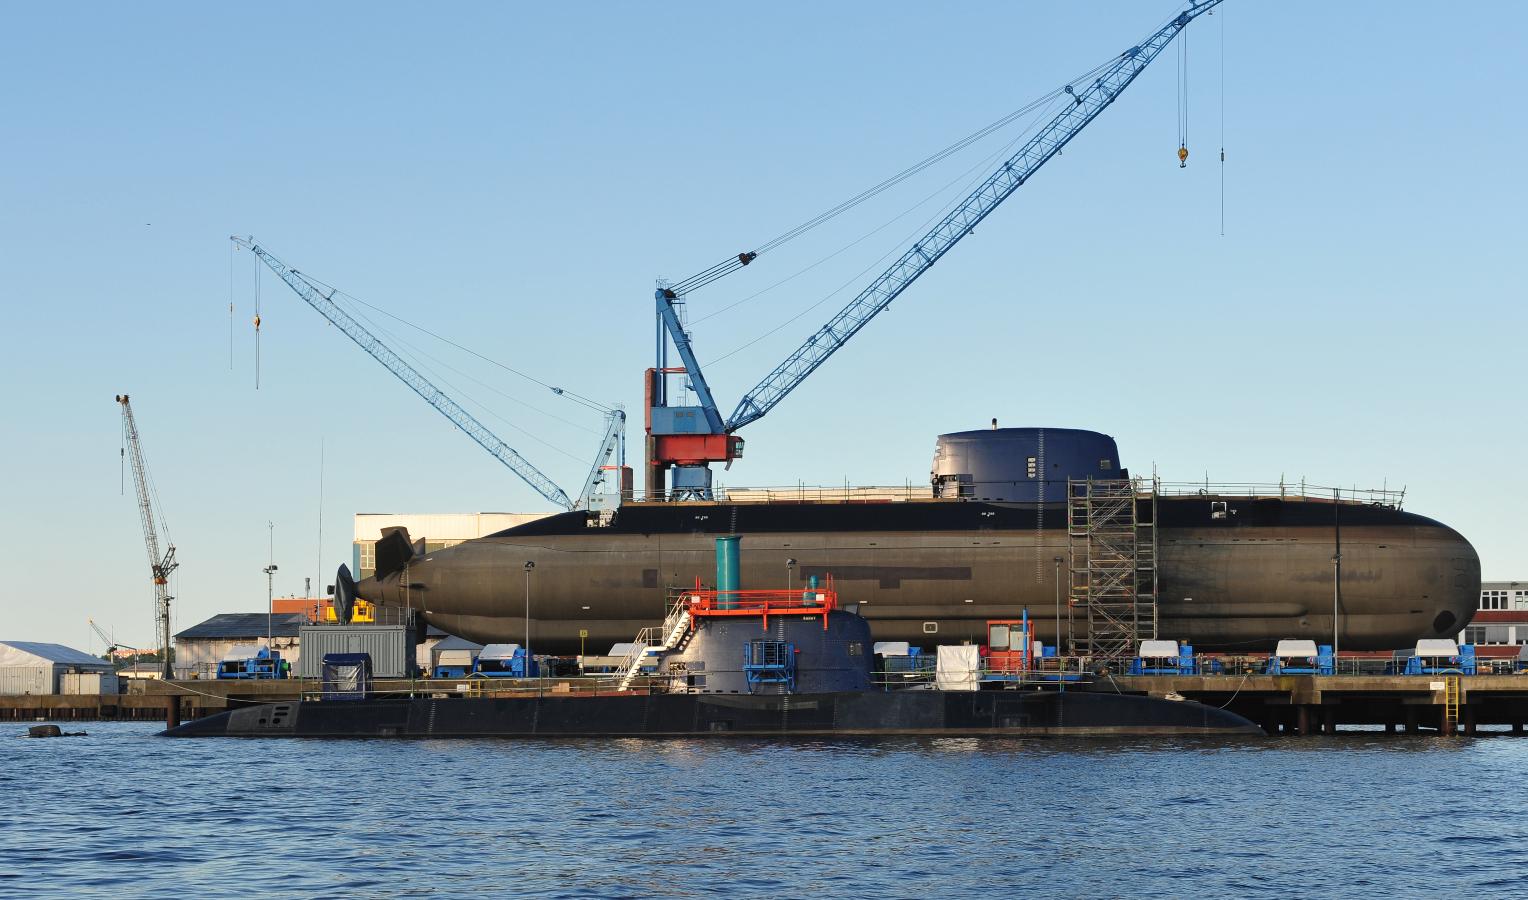 ISS-02-S-TANIN-on-14-06-2014-at-Kiel-11